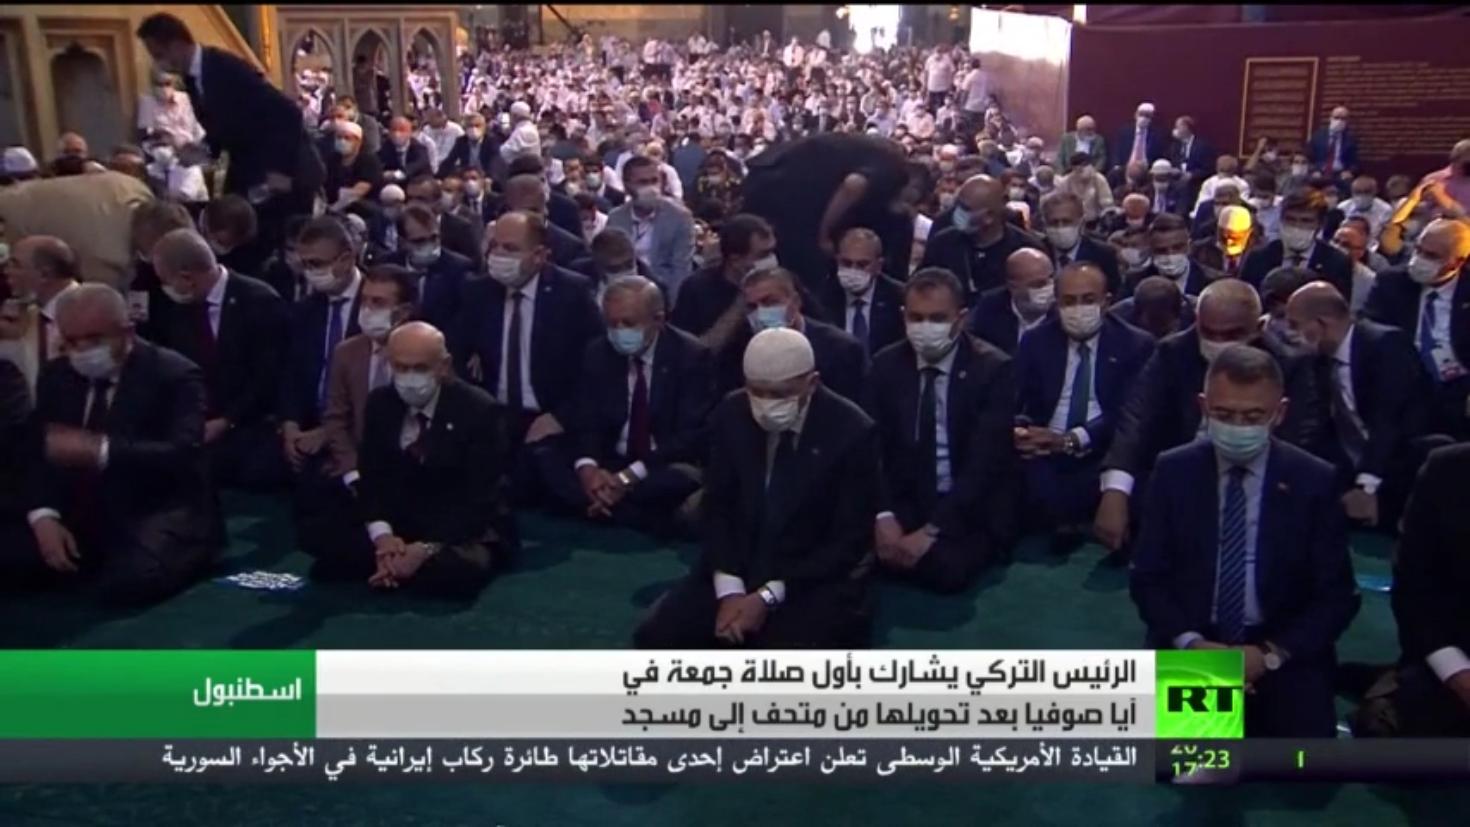 أردوغان يشارك في صلاة الجمعة في آيا صوفيا